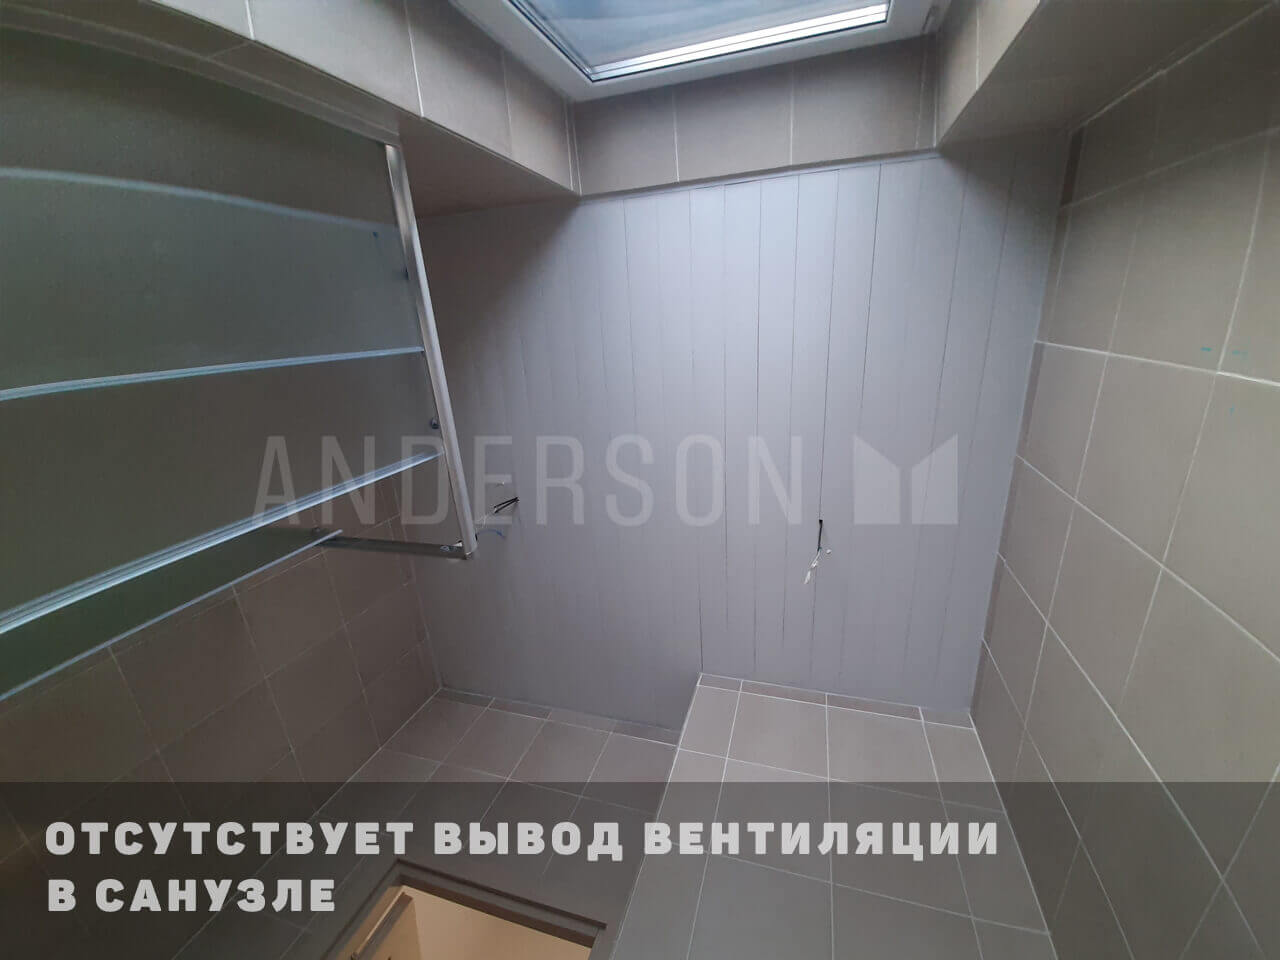 Отсутствует вывод вентиляции в ванной